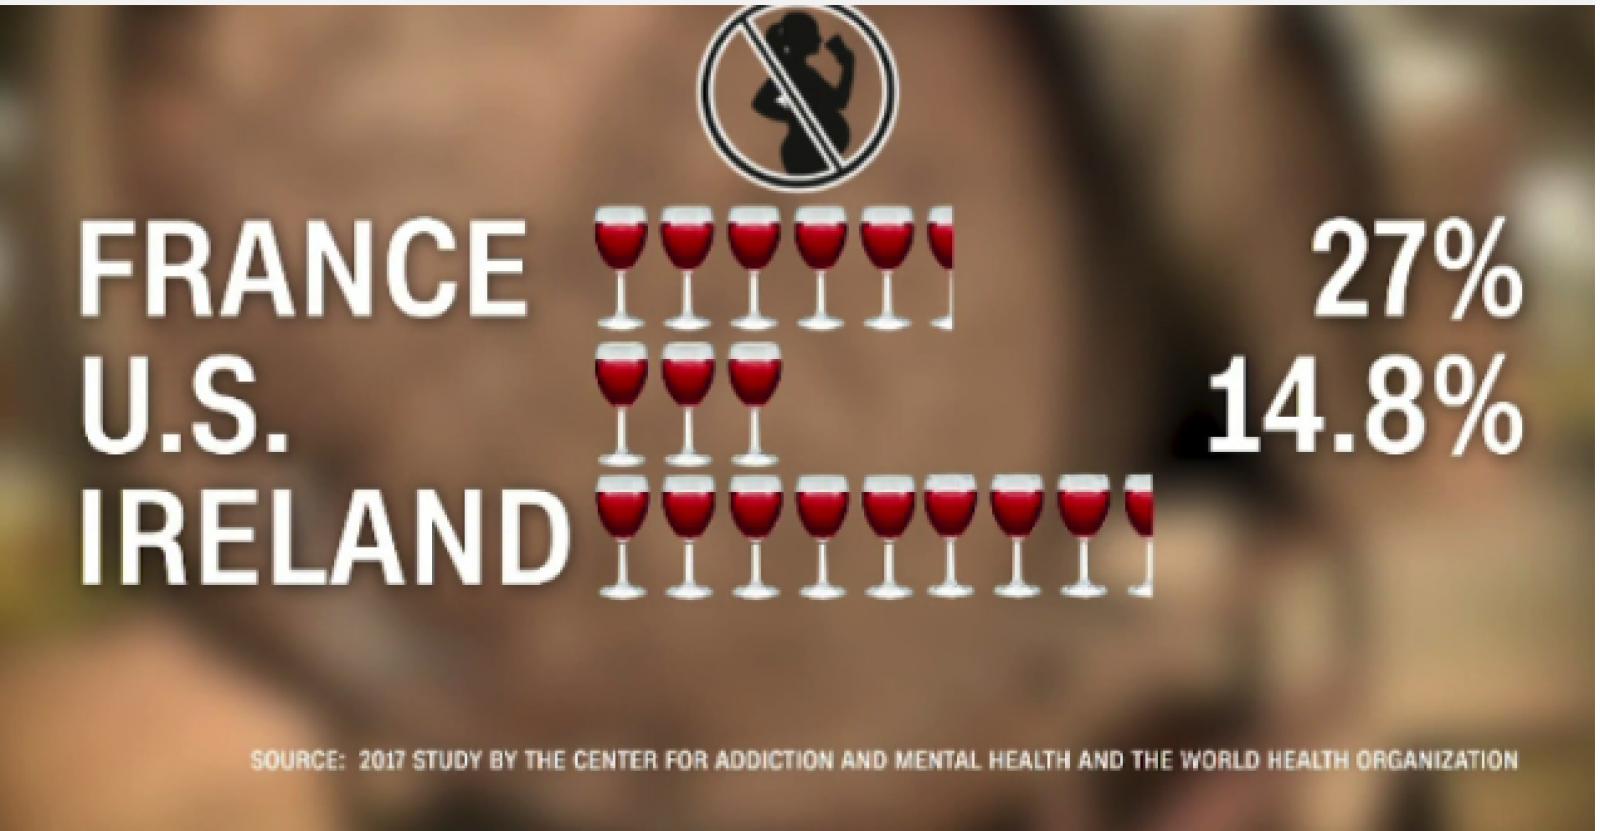 Guvernul francez vrea etichete care să avertizeze împotriva consumului de vin de către femeile însărcinate